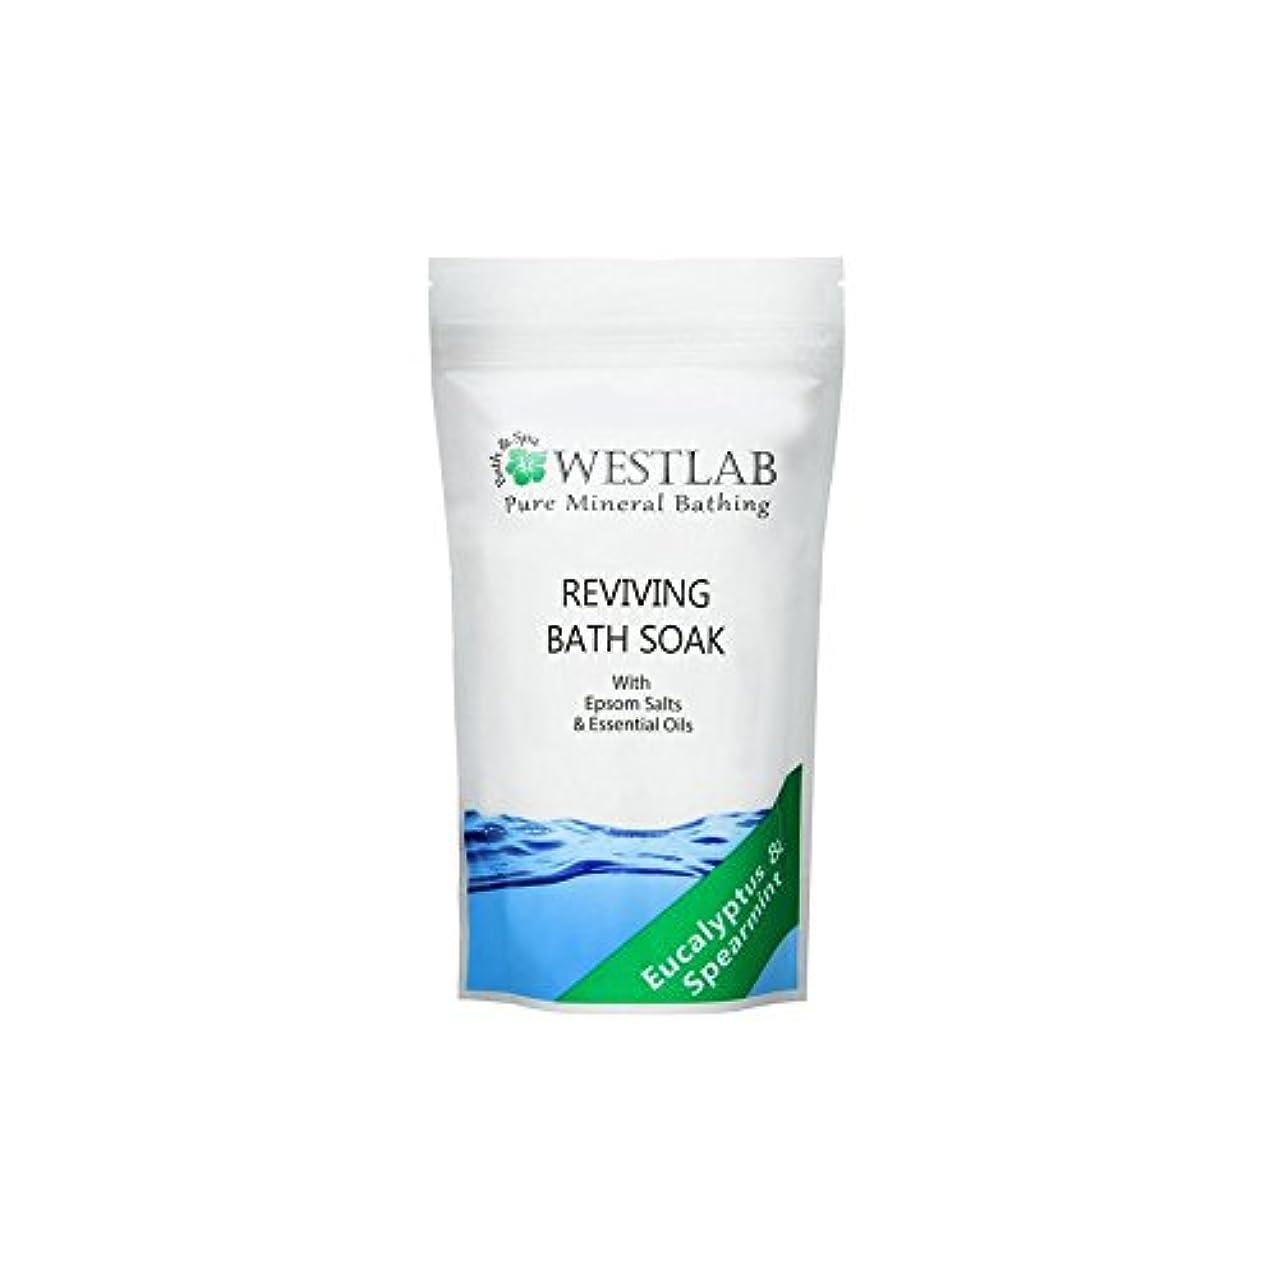 震え取るに足らないアームストロングWestlab Revive Epsom Salt Bath Soak (500g) (Pack of 6) - (500グラム)をソークエプソム塩浴を復活させます x6 [並行輸入品]